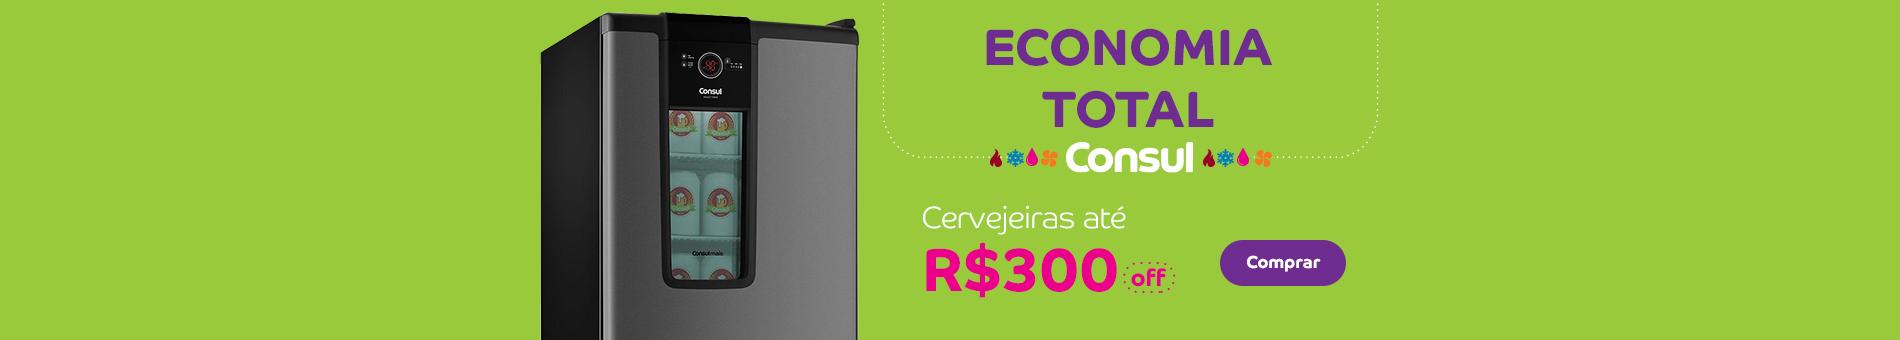 Promoção Interna - 427 - economiatotal_cervejeira_home_2052016 - cervejeira - 3